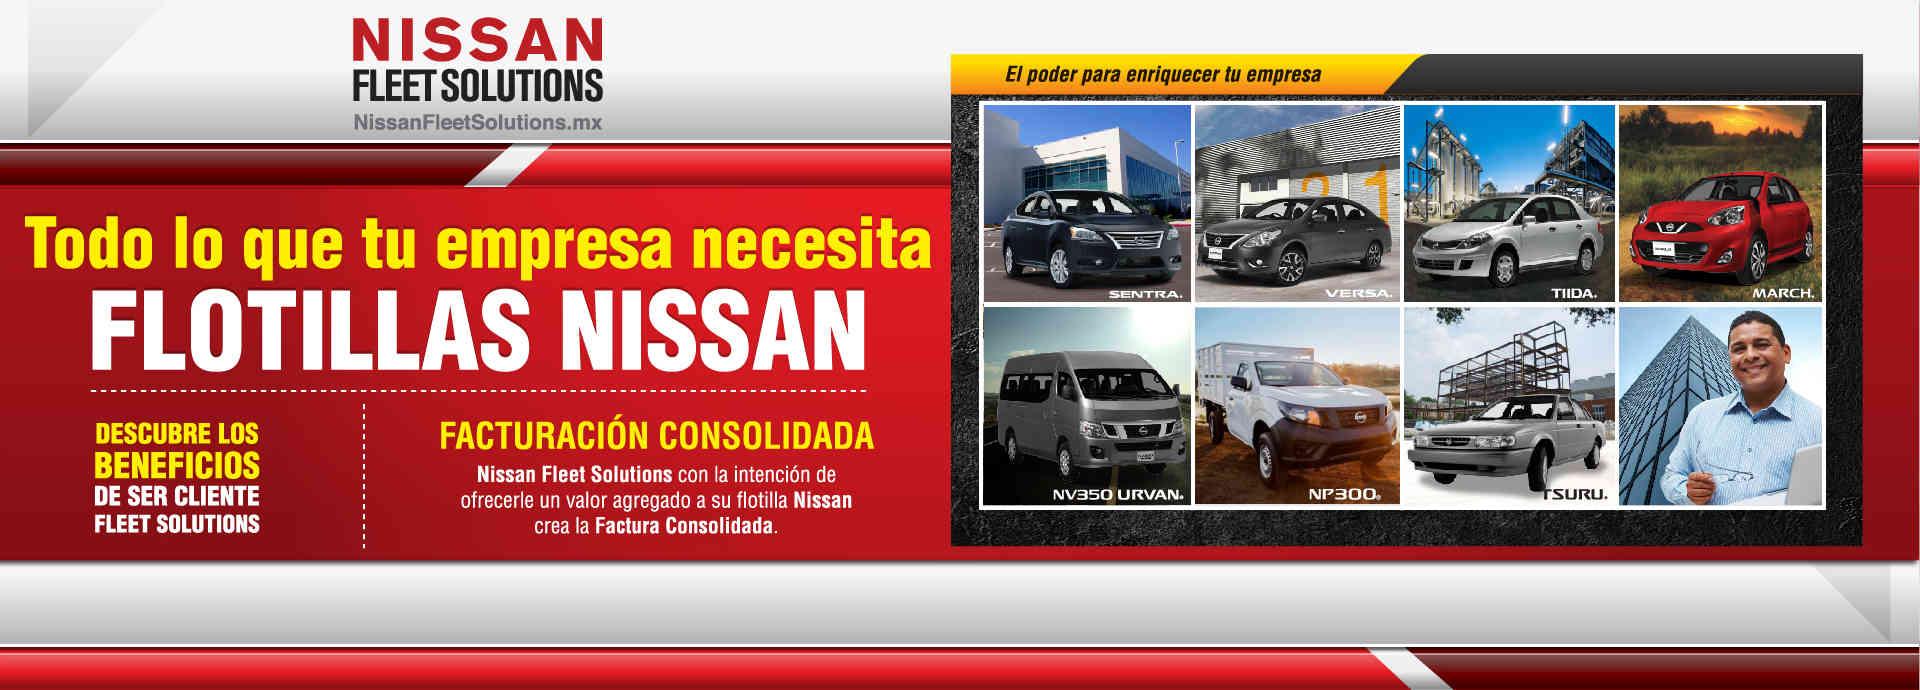 Flotillas Nissan